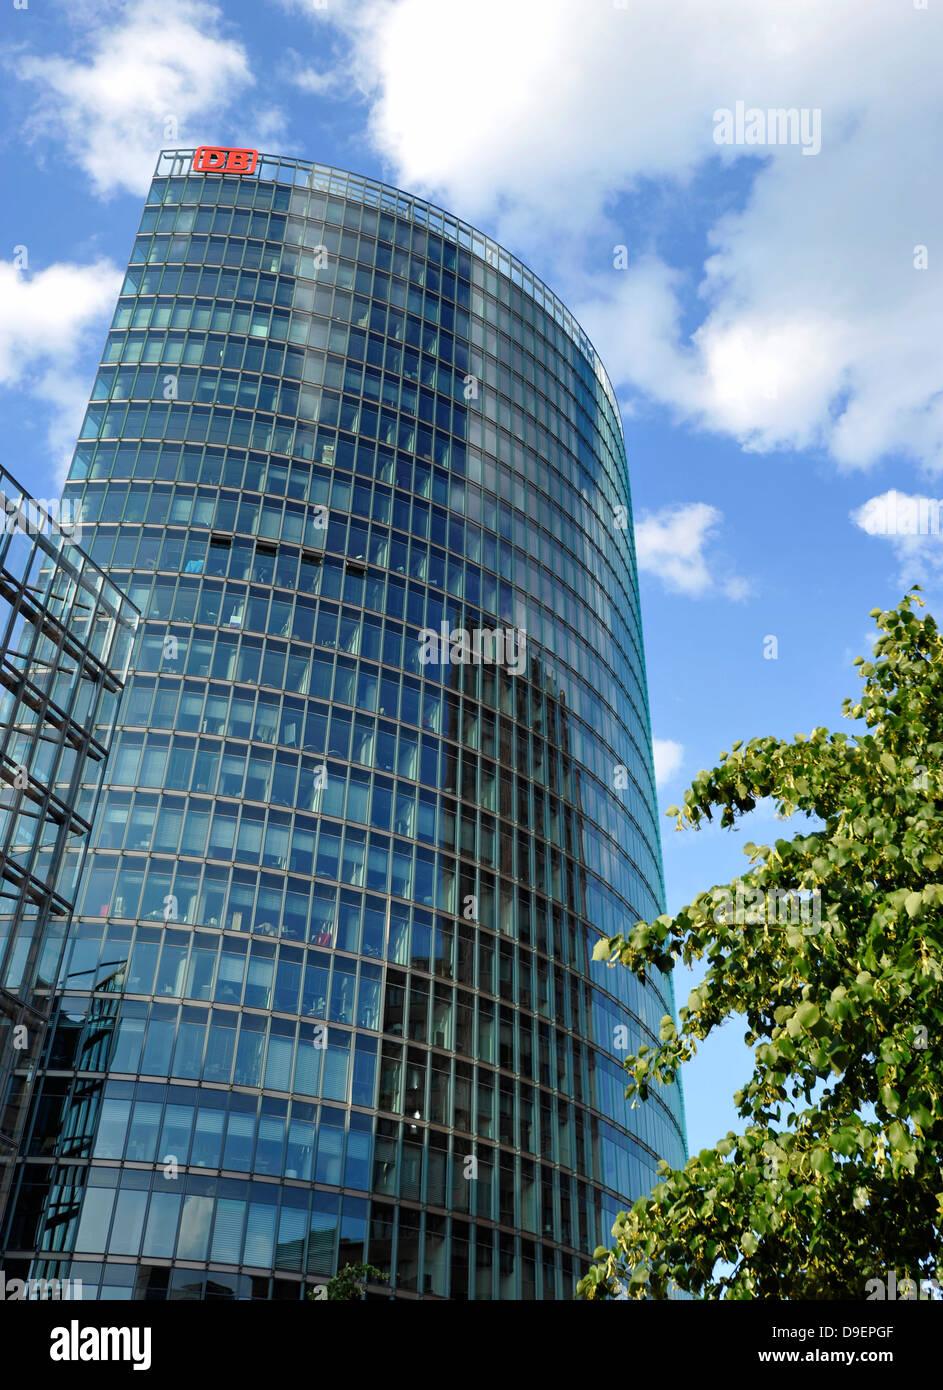 DB-Tower Konzernzentrale der Deutschen Bahn AG, Potsdamer Platz, Berlin, Deutschland, Europa Stockbild